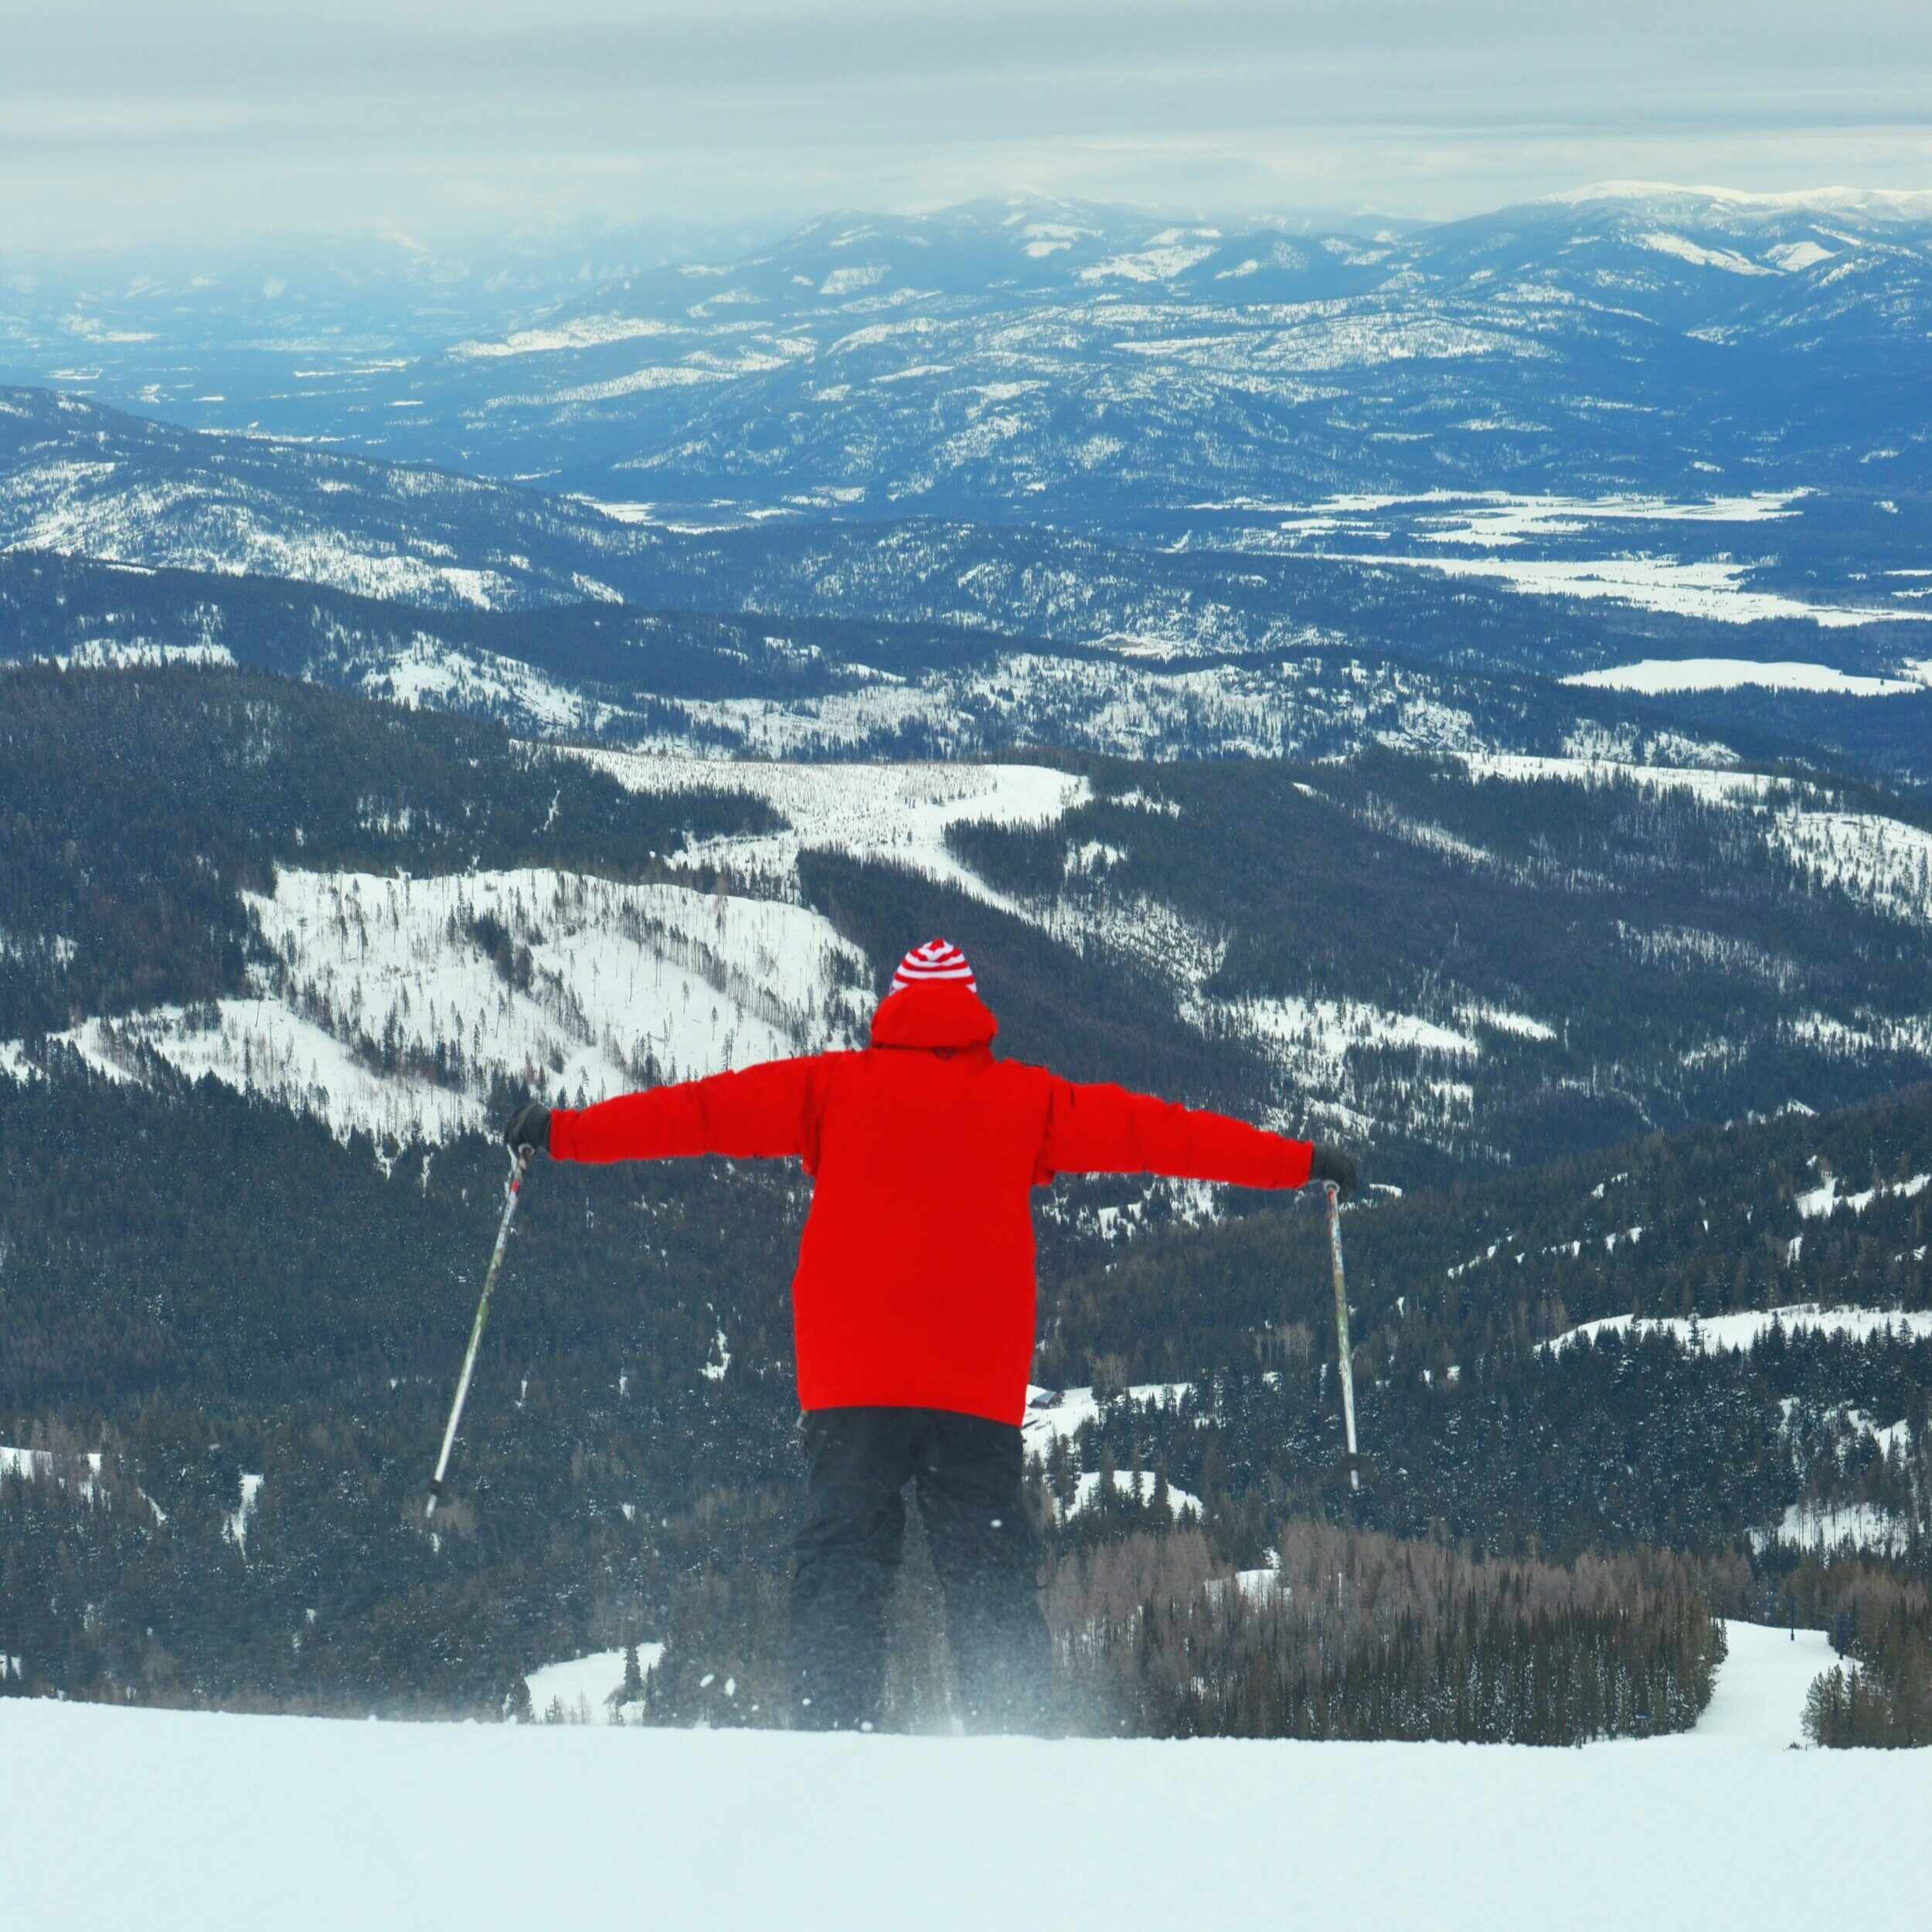 schweitzer-cold-ski-day-wind